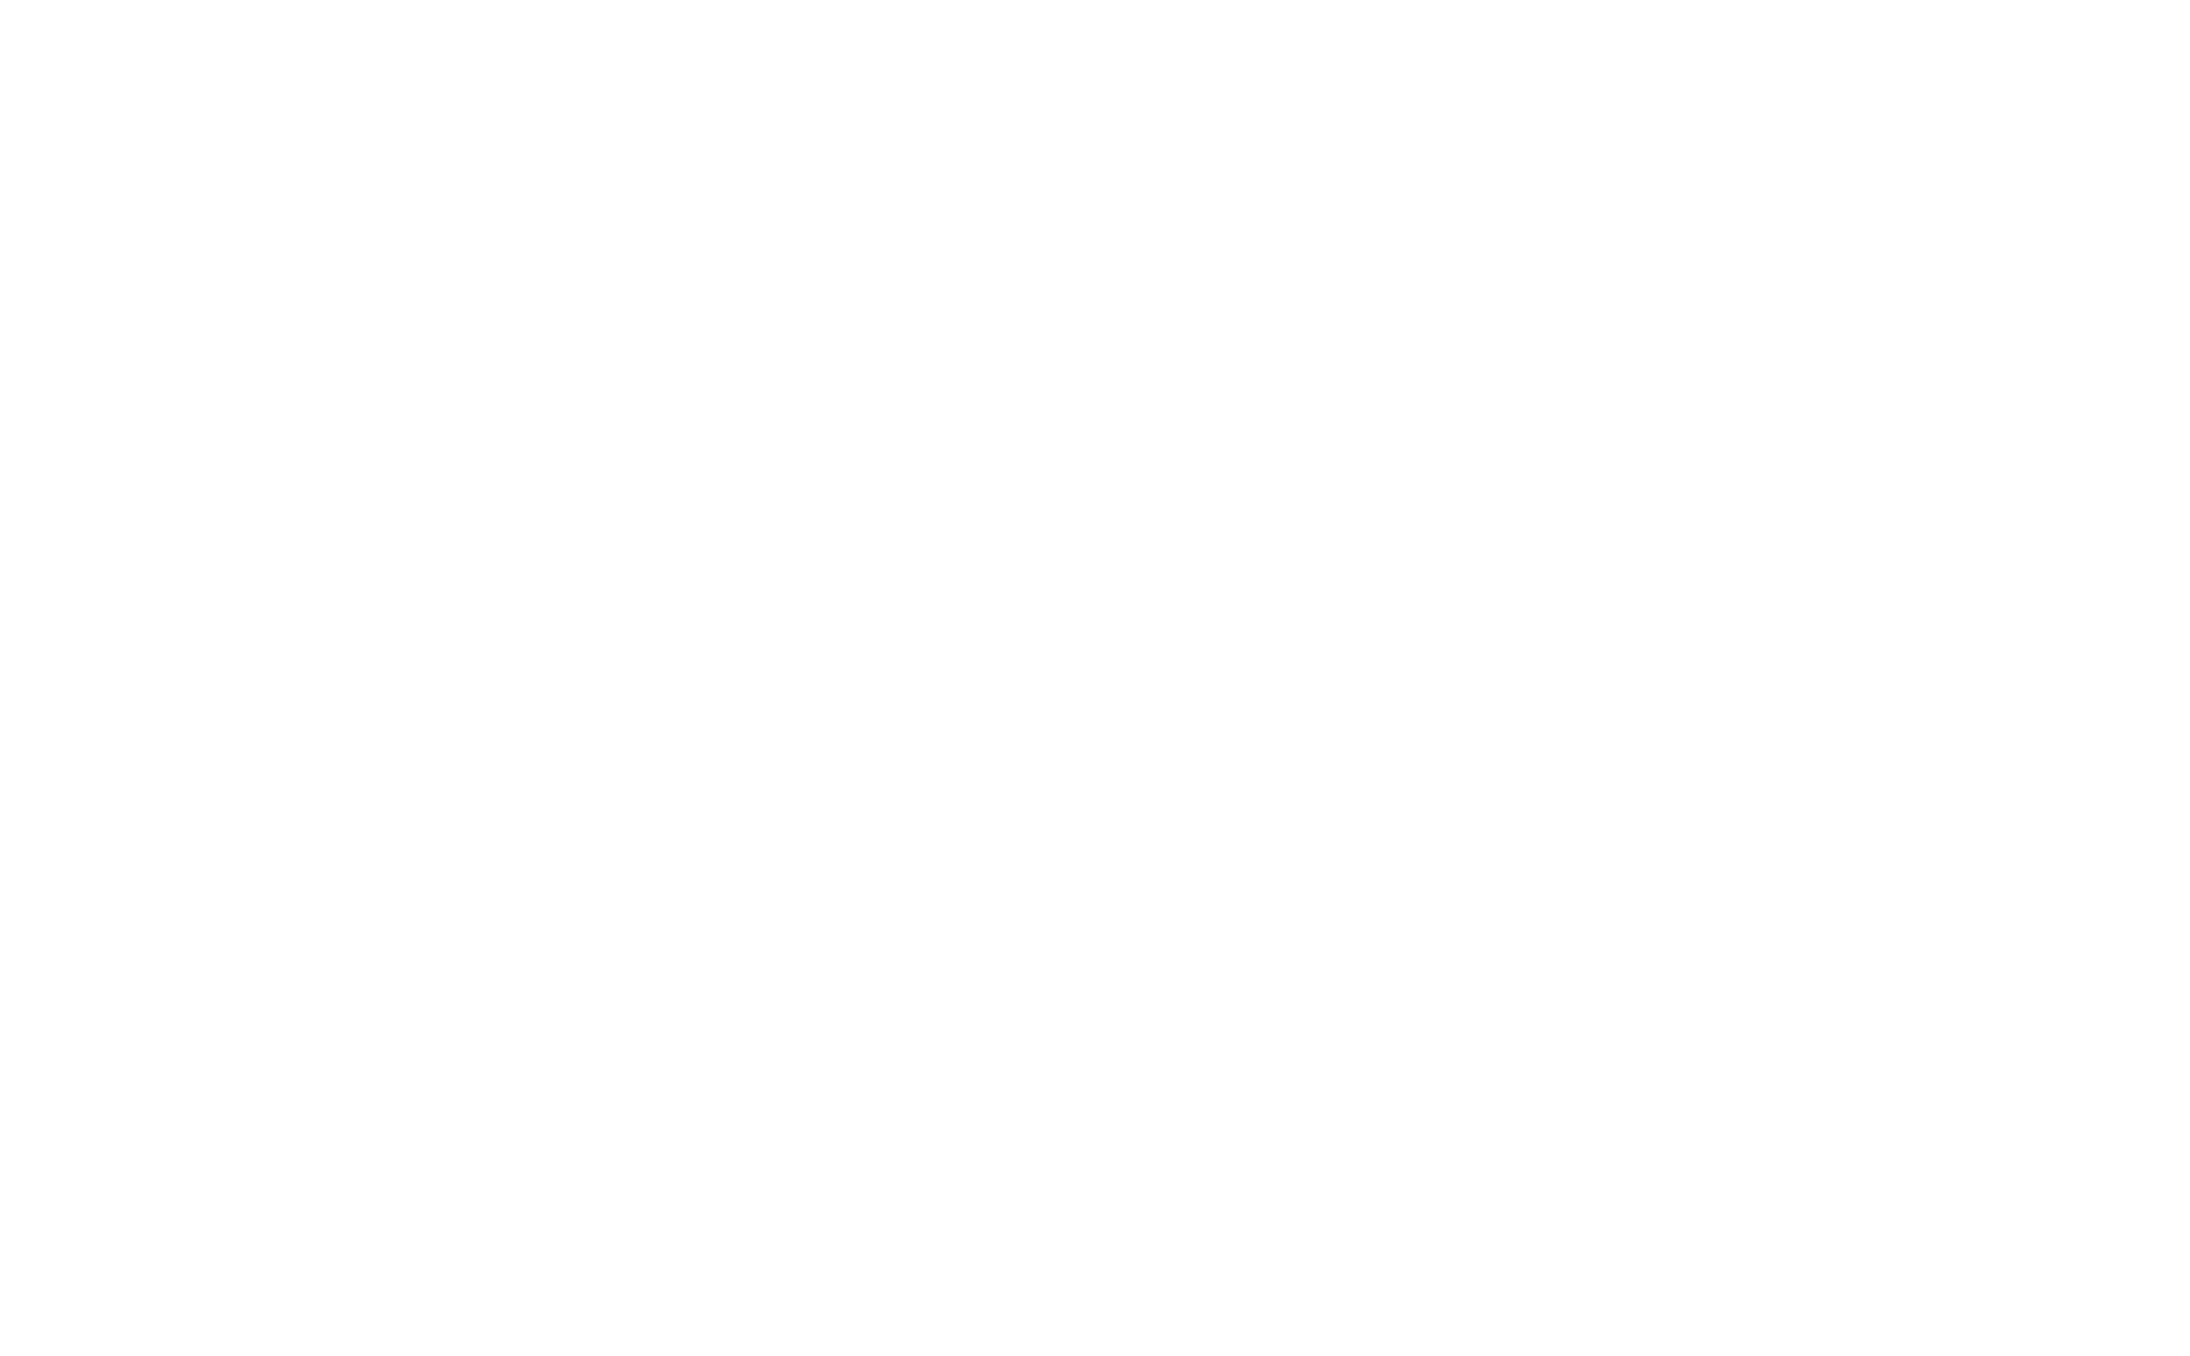 ÉLECTRIQUE.png